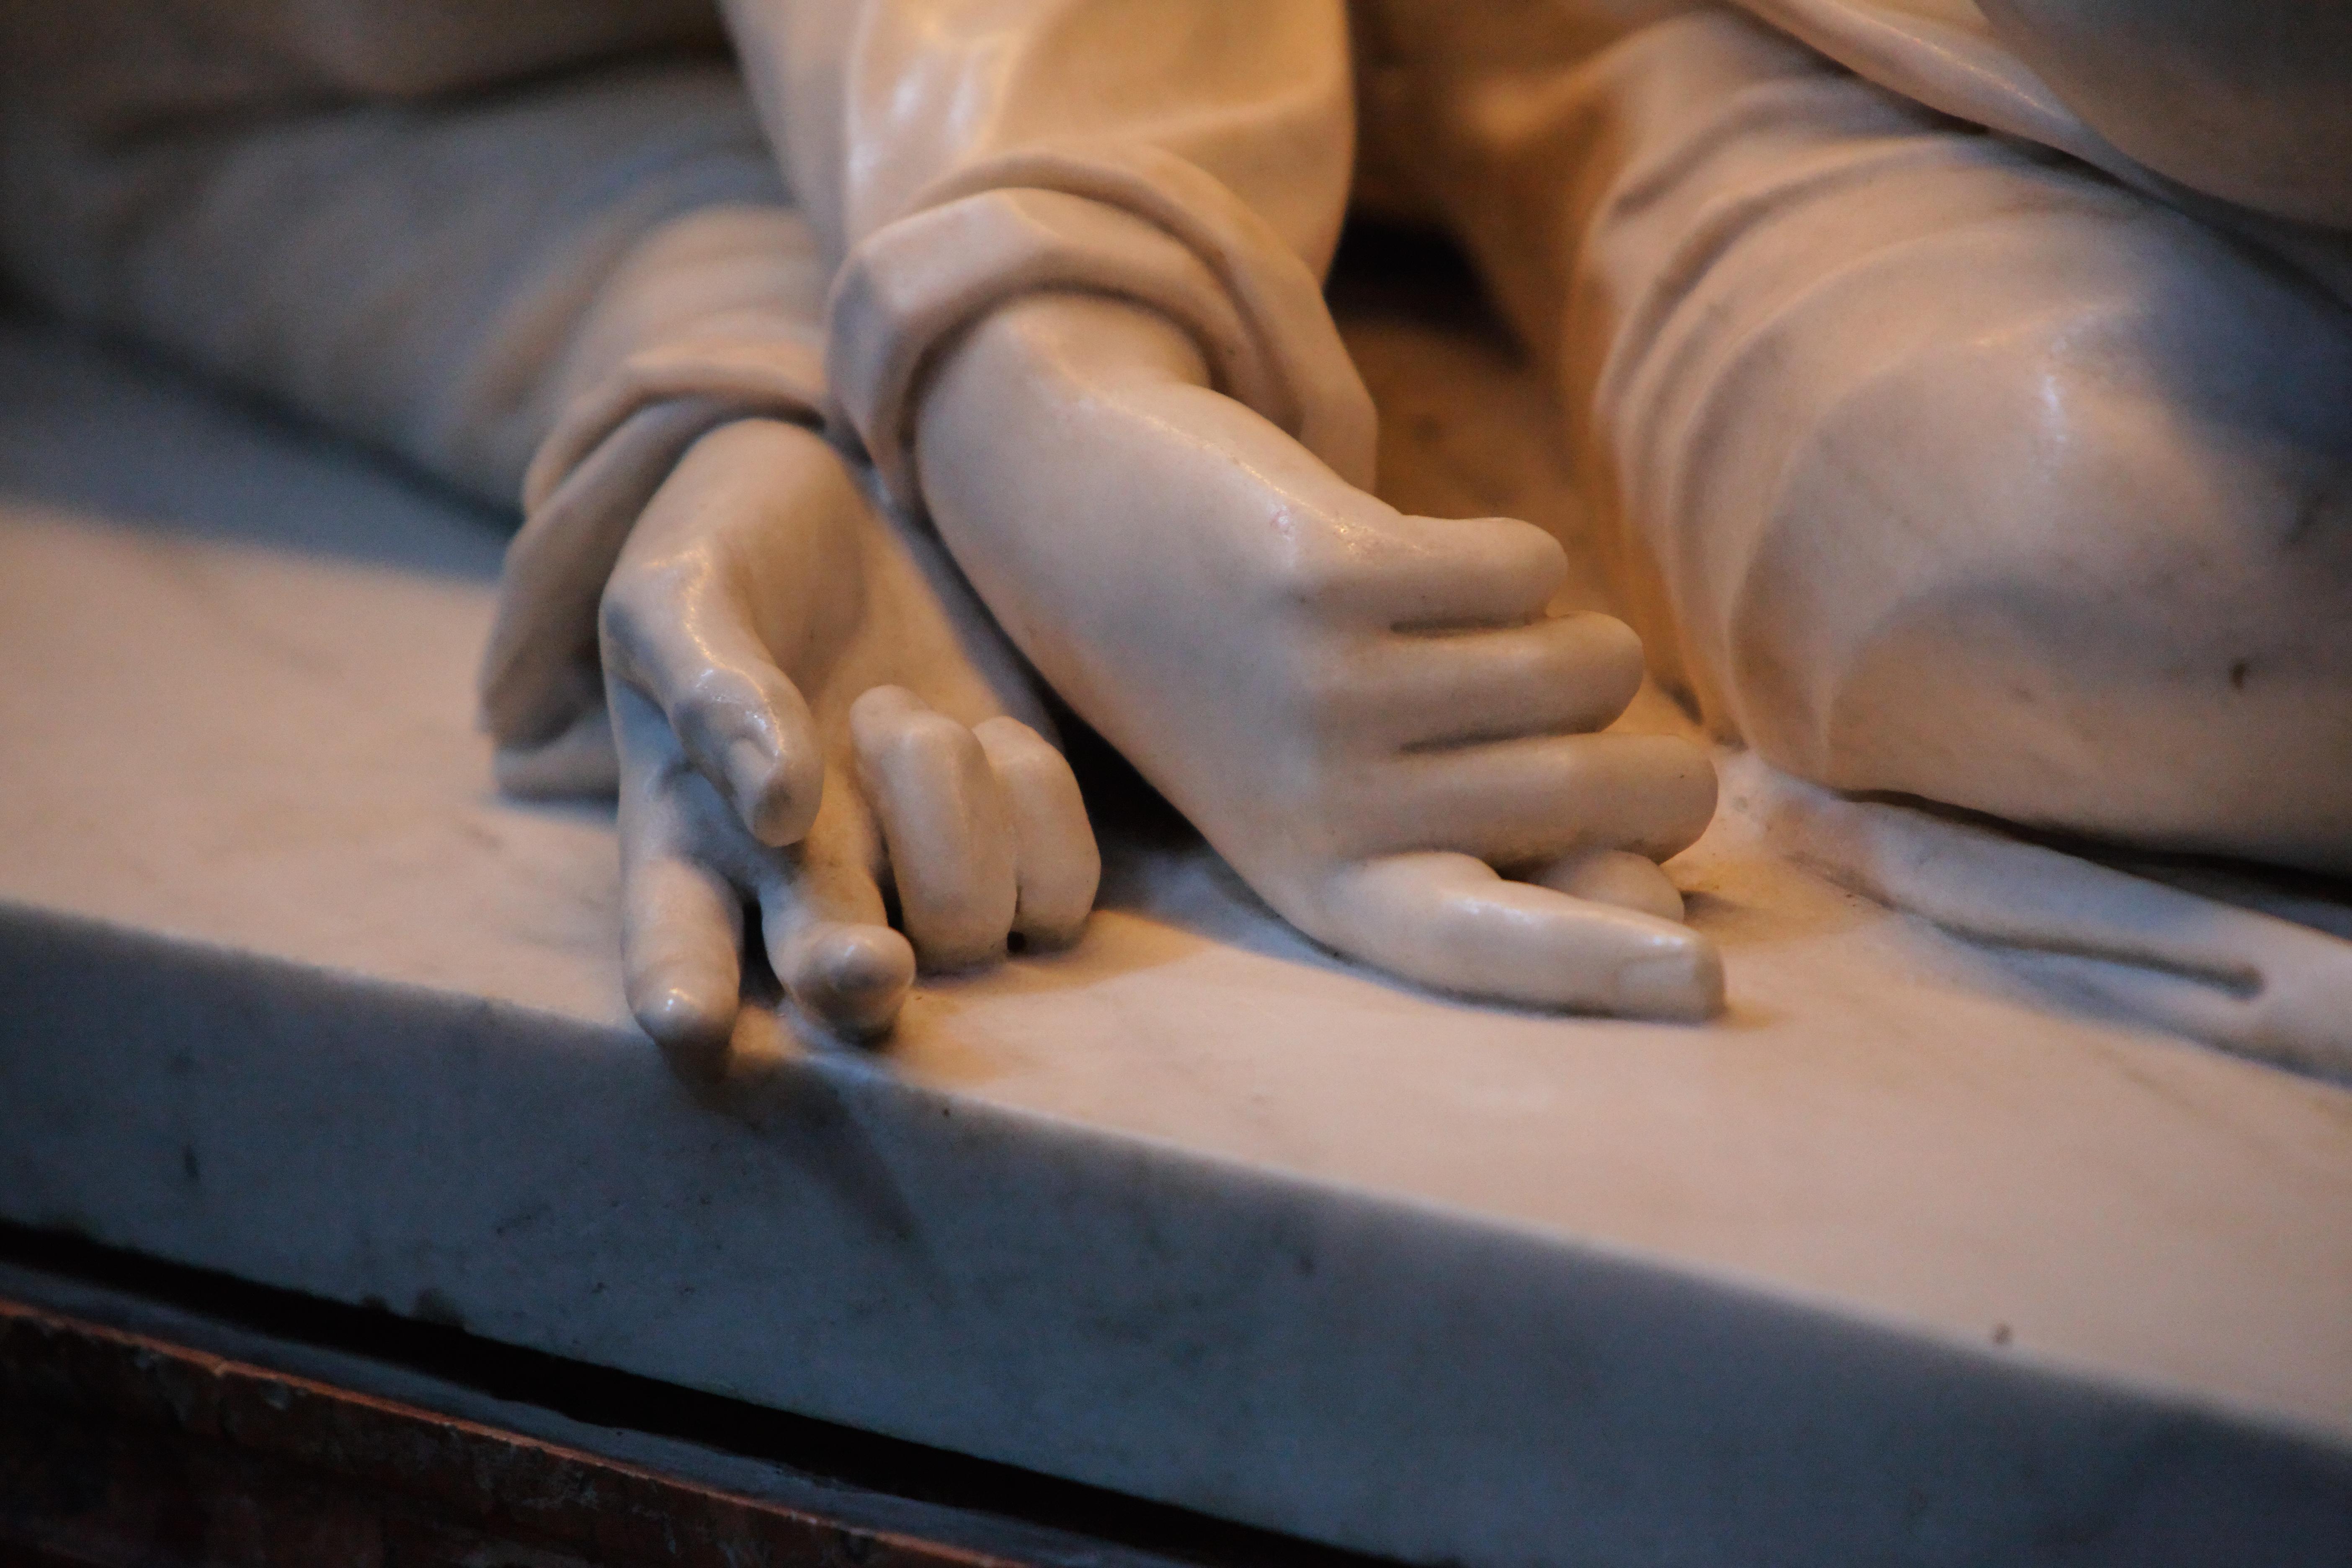 Bosio, archéologue de la Renaissance, redécouvrit l'emplacement exact et la tombe de Sainte Cécile en se basant sur la Legenda et sur des recherches scientifiques. Lorsqu'il redécouvrit le corps de Cécile, la tombe fut ouverte en présence de témoins, dont le sculpteur Maderno. Tous eurent la stupéfaction de découvrir un corps intact, témoignage impressionnant d'un martyr douloureux et paisible à la fois. La position du corps et notamment l'étonnant geste trinitaire jusque dans la mort furent fidèlement reproduit par Maderno.